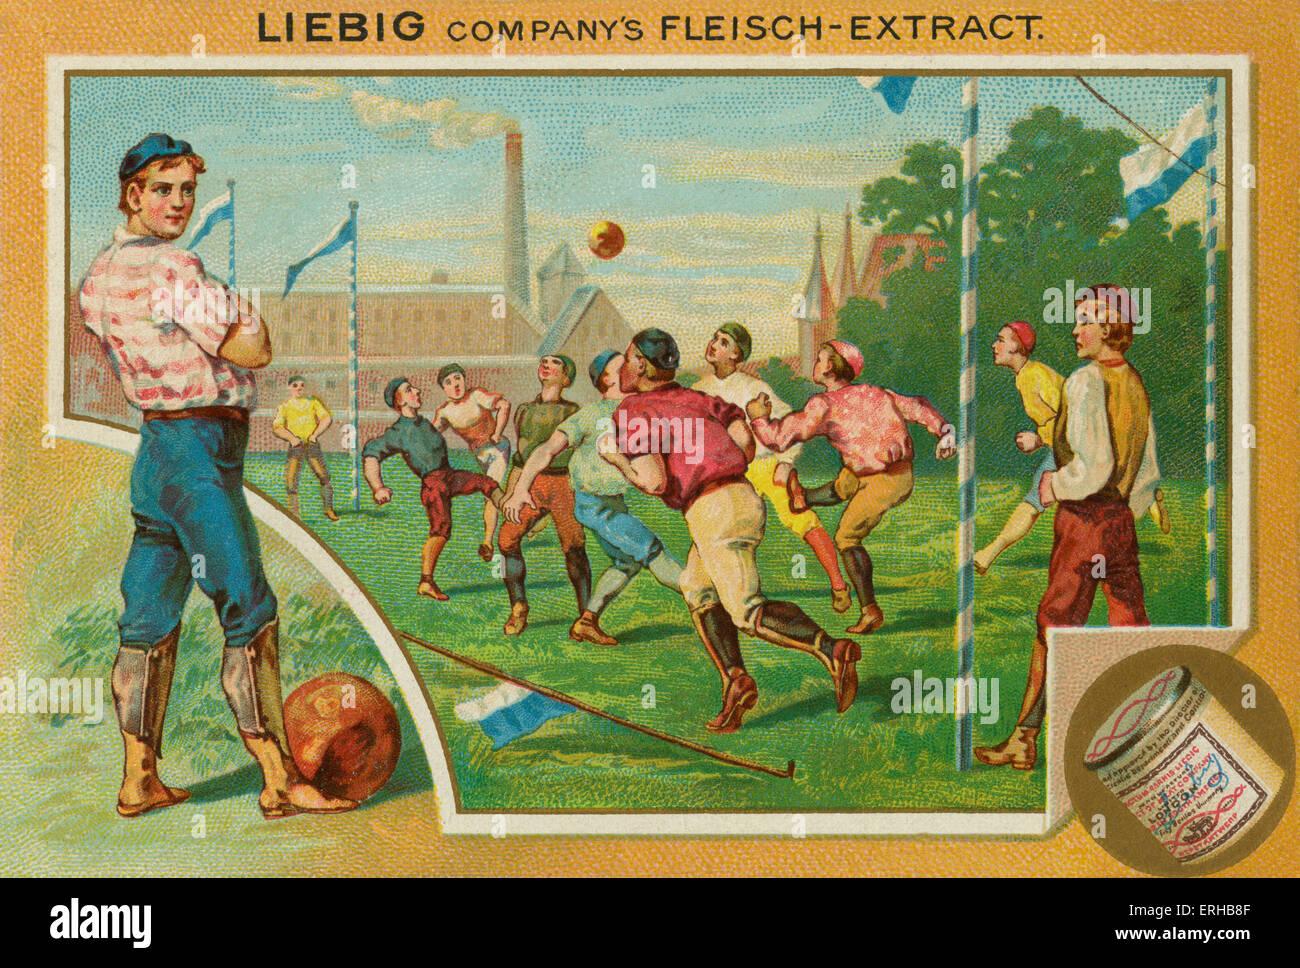 Un partido de fútbol. Tarjetas Liebig, Deportes, 1896. Imagen De Stock